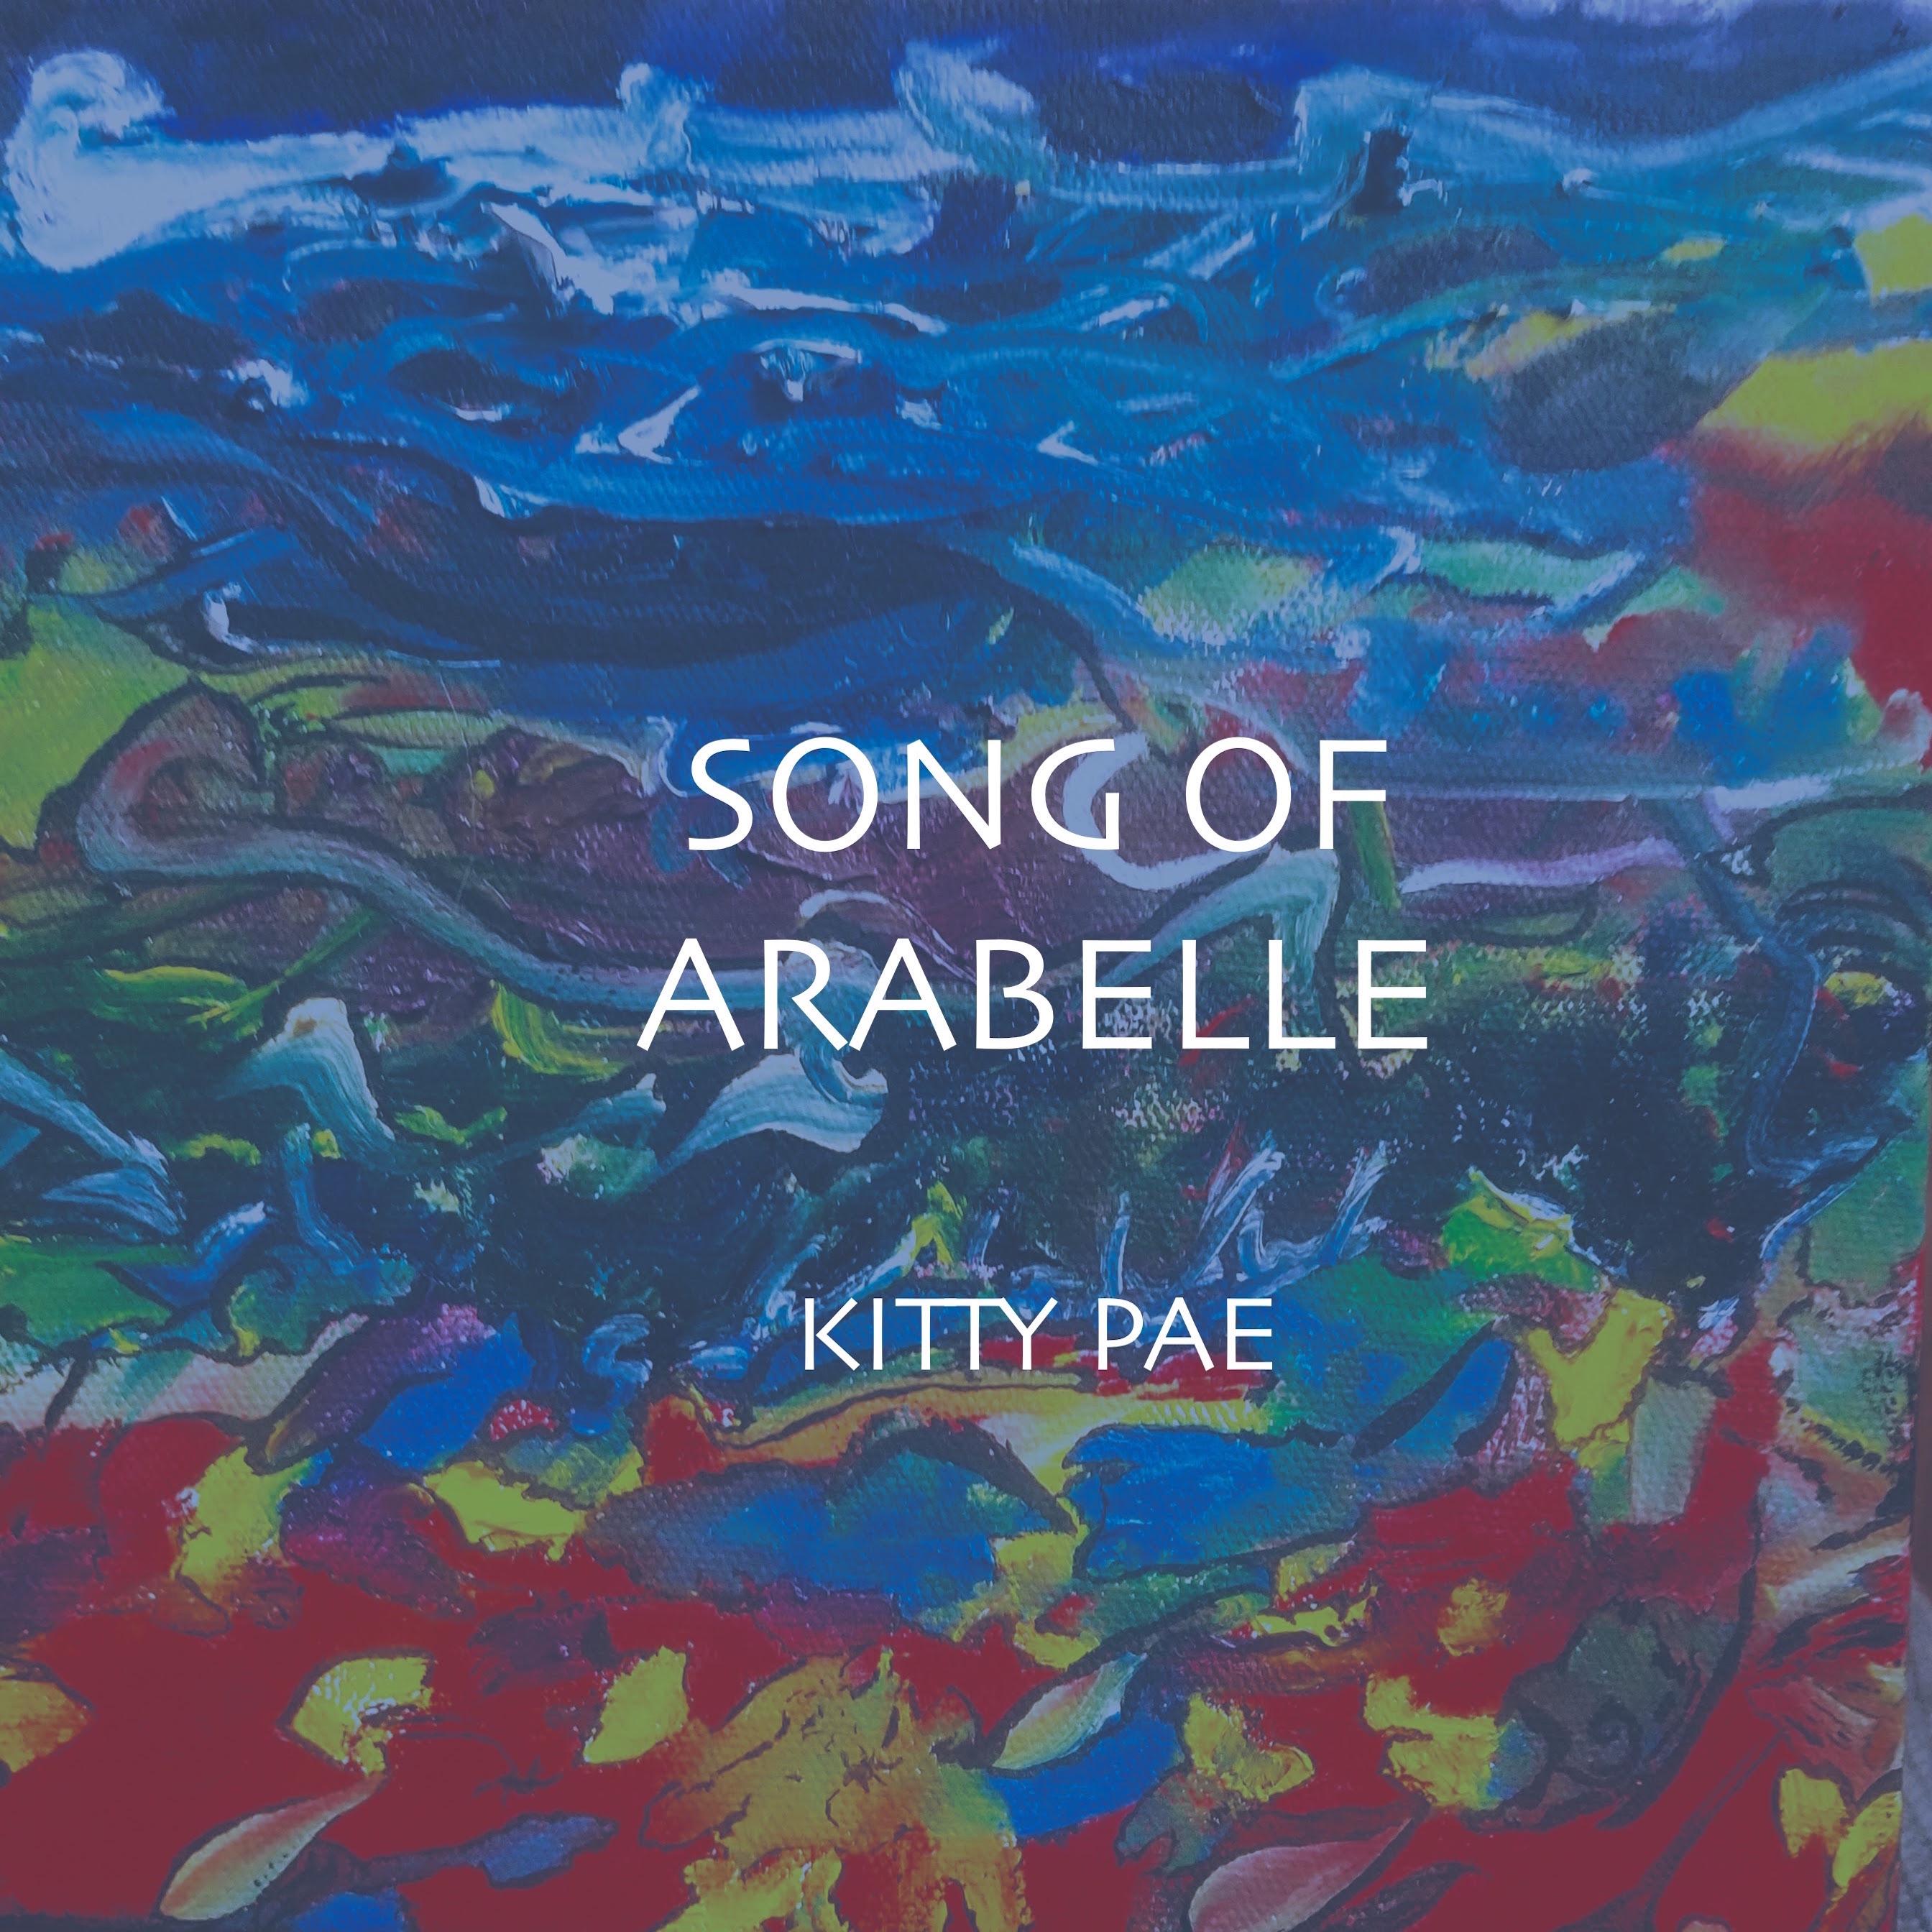 Song of Arabelle